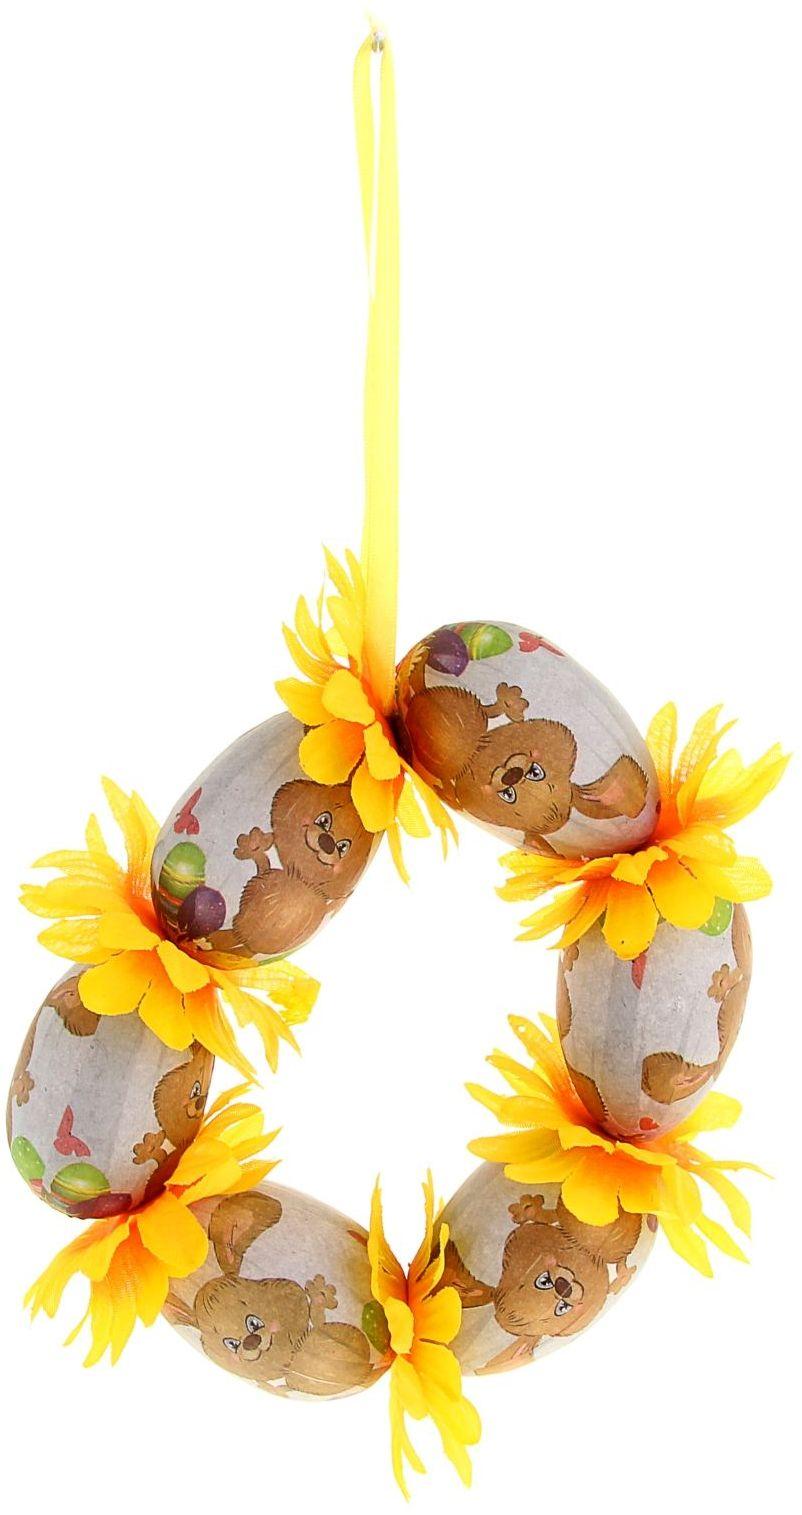 Панно пасхальное Sima-land Пасхальный кролик, диаметр 14 см10850/1W GOLD IVORYПасха – весенний праздник, в это время года природа пробуждается после долгой спячки и поражает своим великолепием и красками. Такой пейзаж способен украсить этот светлый день. А сейчас подумайте, если к этому добавить оригинальный пасхальный декор, то обстановка становится по-настоящему праздничная.Сувенир - пасхальное панно Пасхальный кролик - еще один способ преобразить интерьер к светлому празднику Пасха. Подойдёт для украшения квартиры, офиса или магазинчика. Сувенир выполнен из пенопласта и оснащён удобной петелькой. С его помощью для вас открываются сотни вариантов украшения праздничного пространства. Например, благодаря ему вы сможете задекорировать входную дверь или любой другой уголок в квартире.